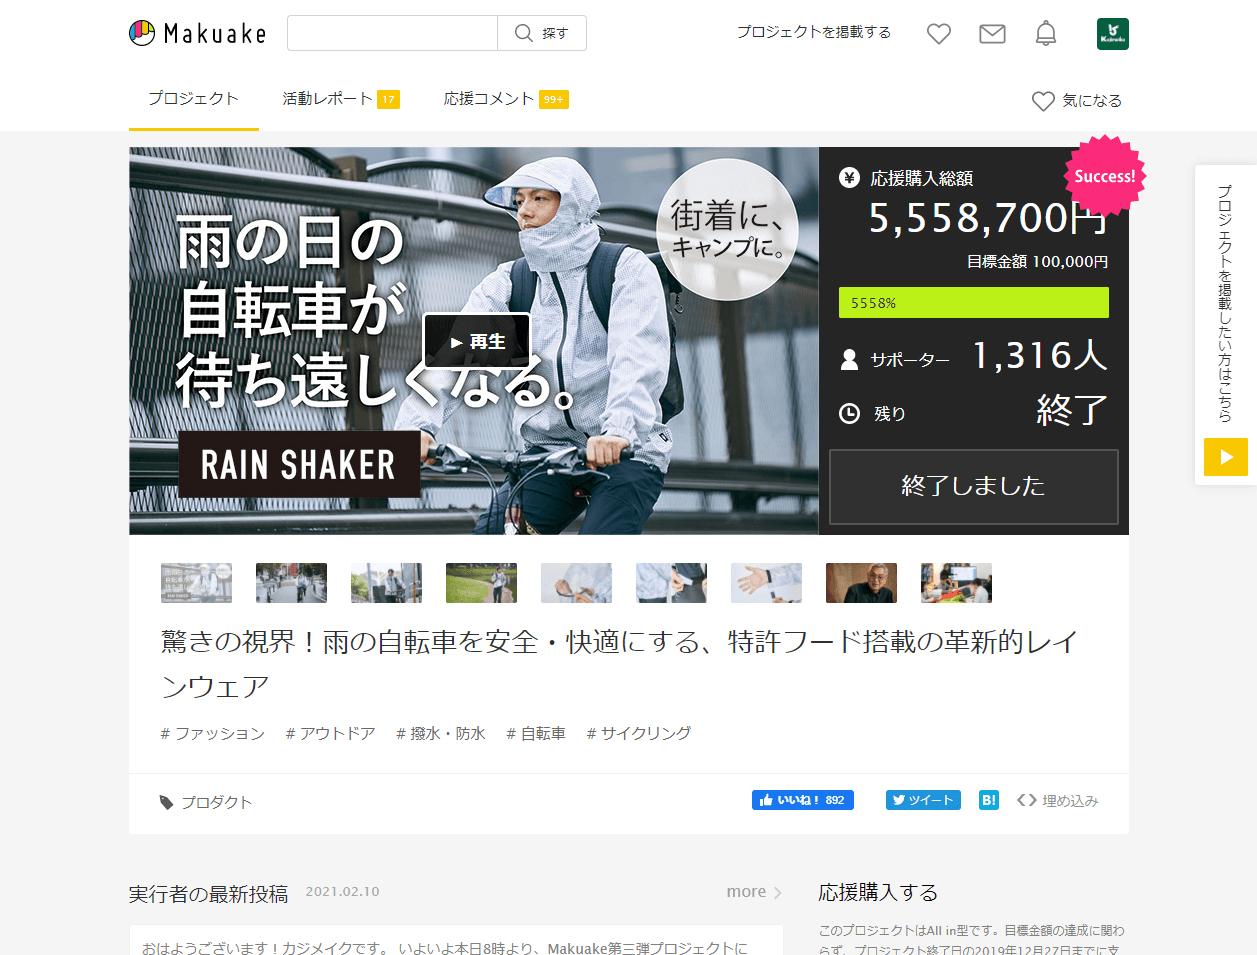 クラウドファンディング Makuakeにて支援達成!